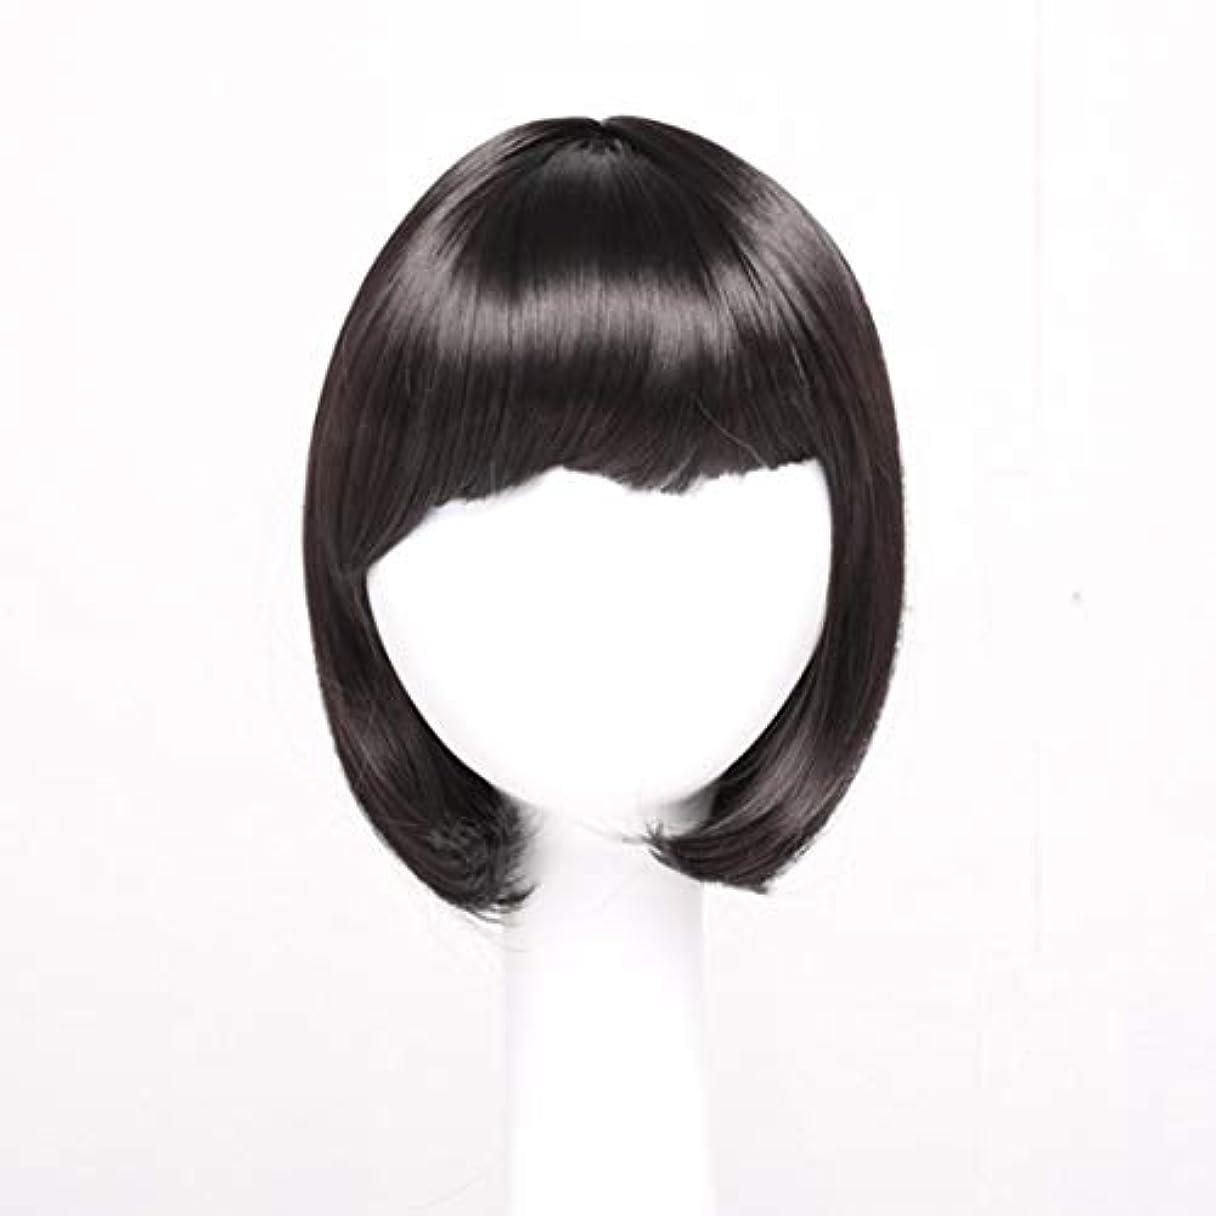 聴覚障害者ハイジャック反映するKerwinner レディースブラックショートストレートヘアー前髪付き前髪ウェーブヘッドかつらセットヘッドギア (Color : Navy brown)